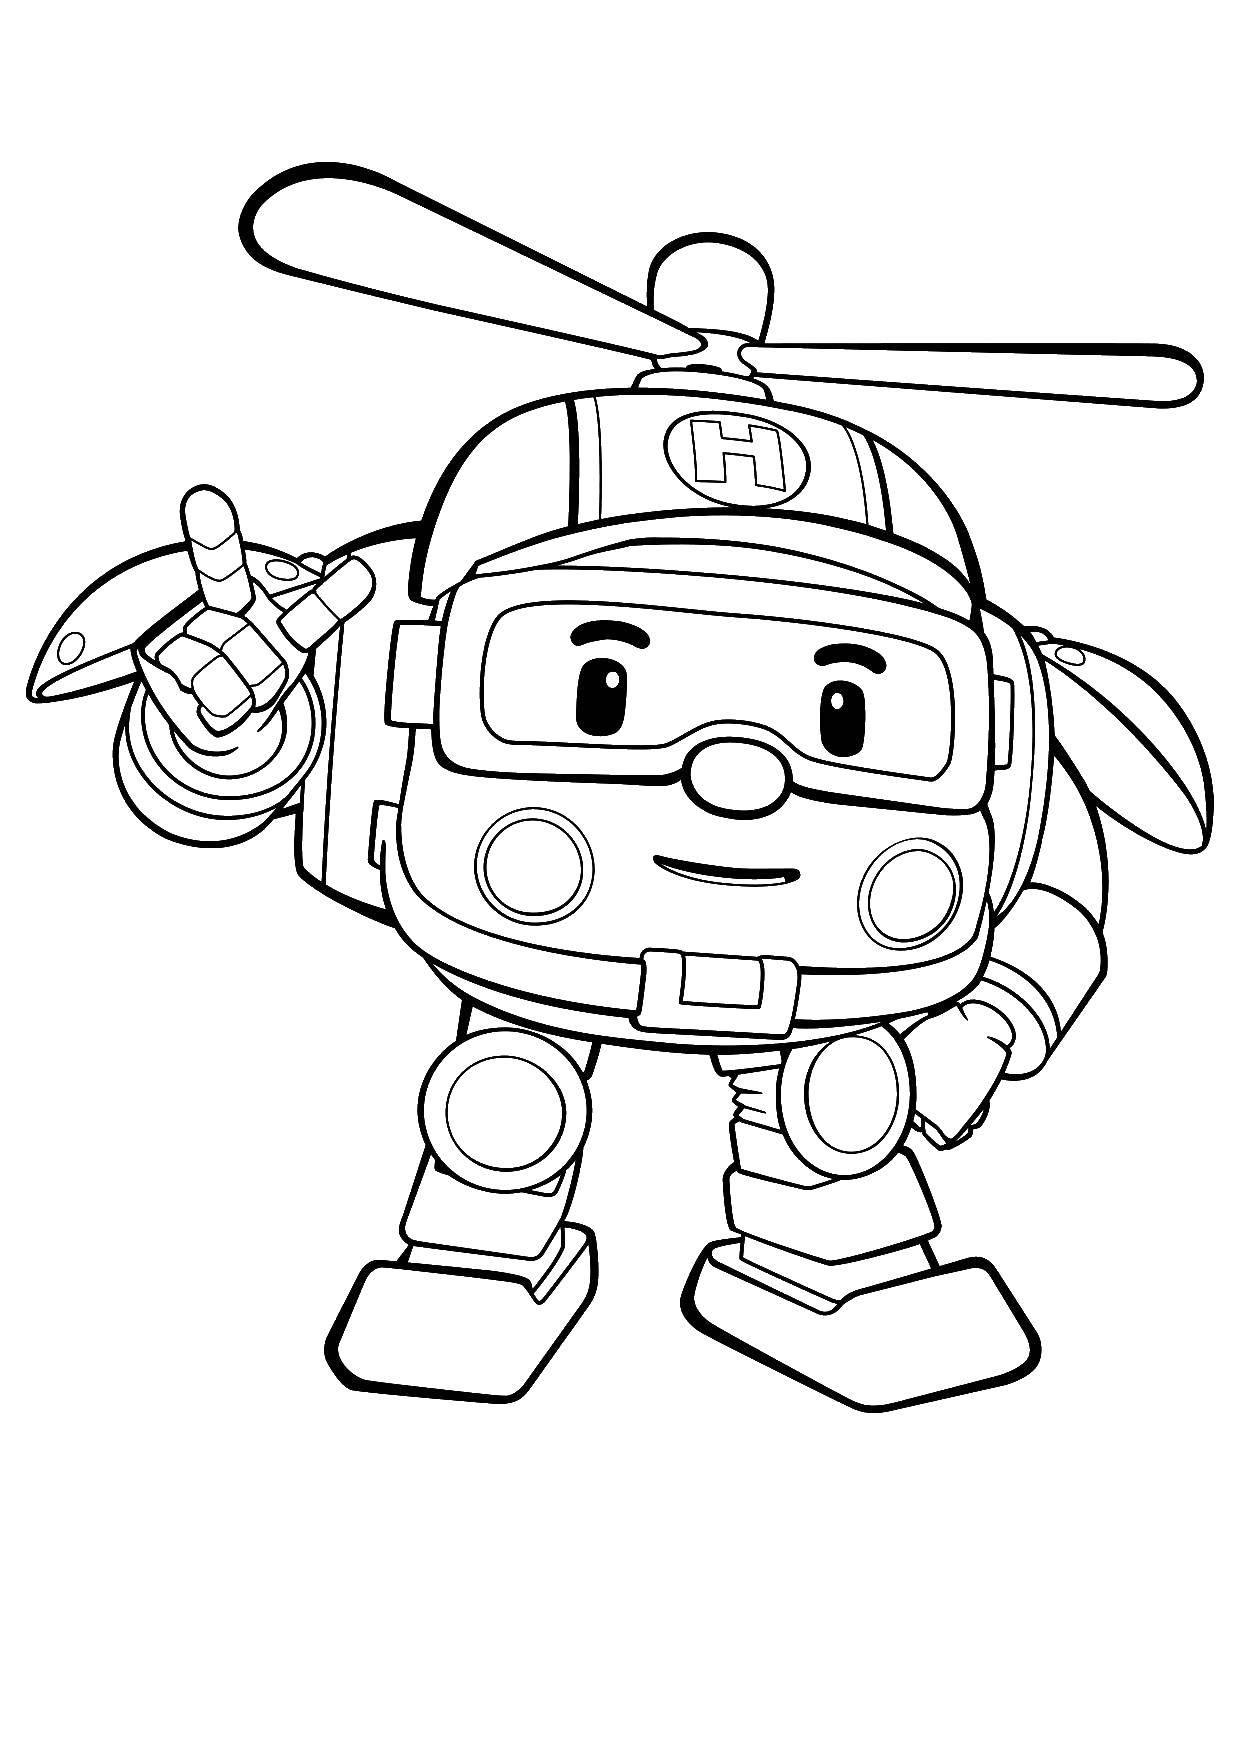 Раскраска Хэли вертолет робокар Скачать ,Хэли, робокар,.  Распечатать